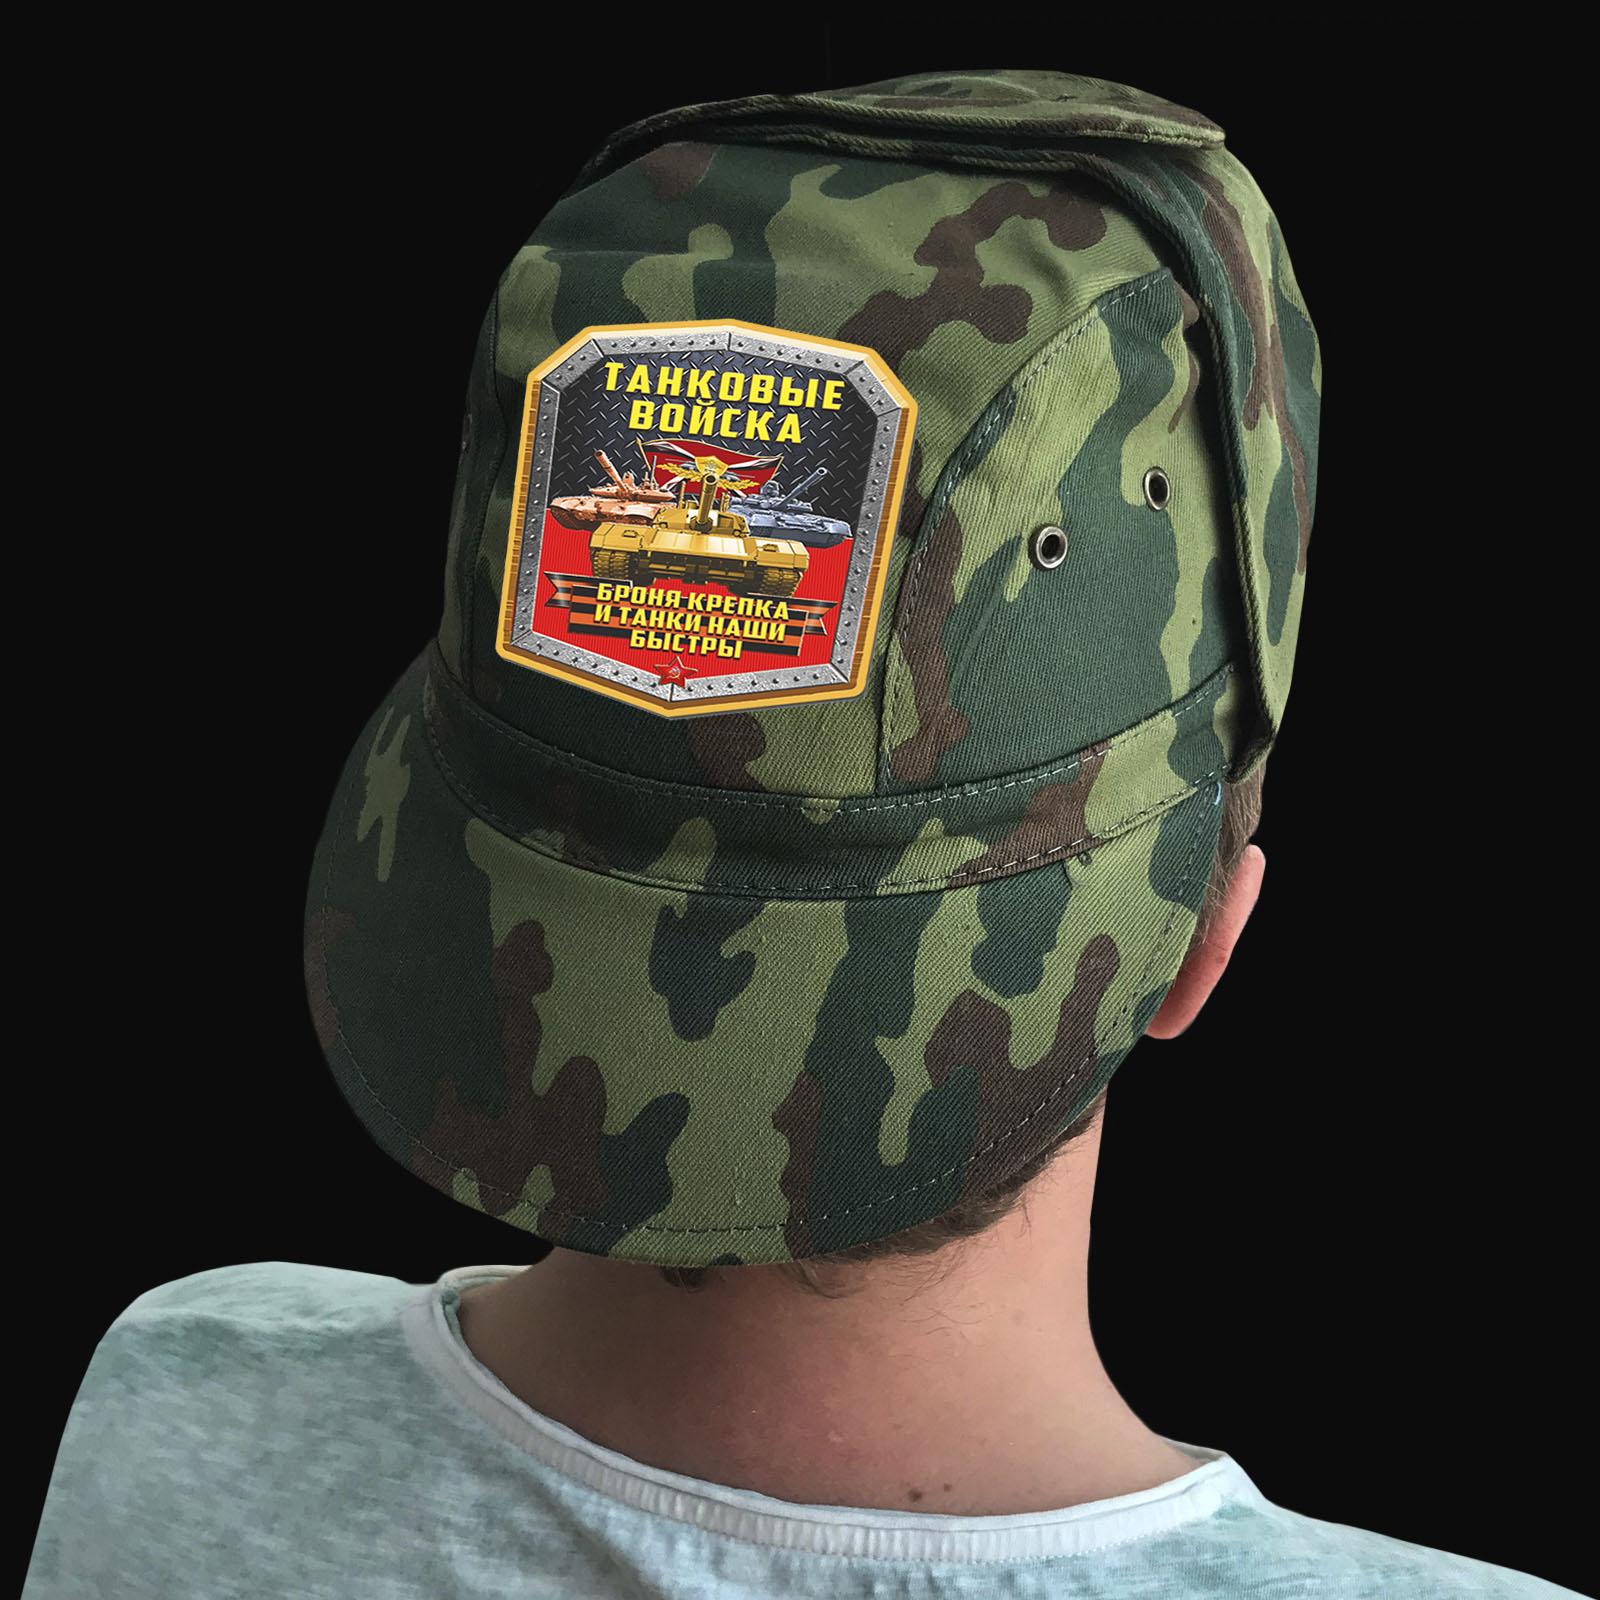 Купить надежную кепку-камуфляж с термотрансфером Танковые Войска выгодно оптом